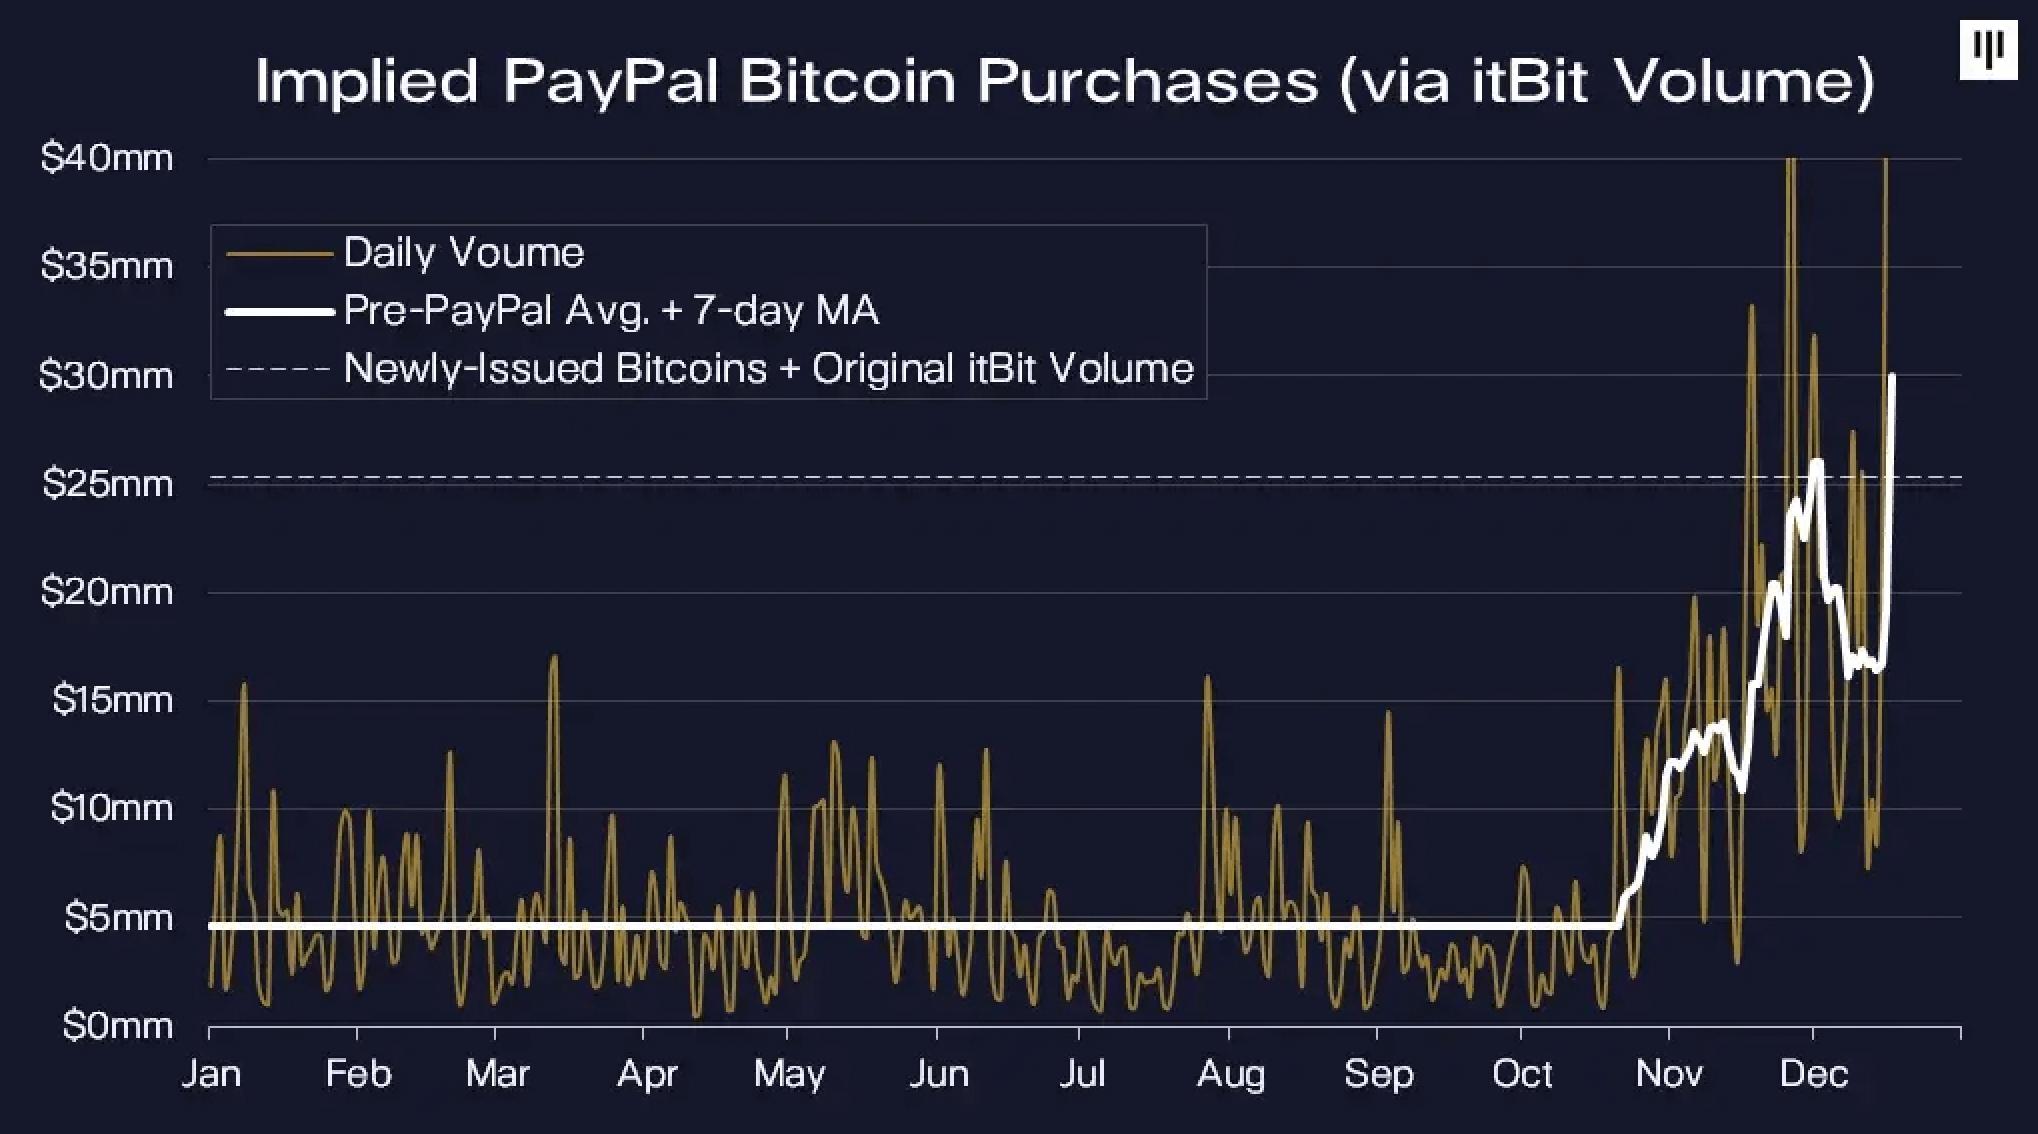 PayPal'dan inanılmaz bir Bitcoin istatistiği geldi! Piyasaya sürülen tüm yeni BTC'leri almışlar 4